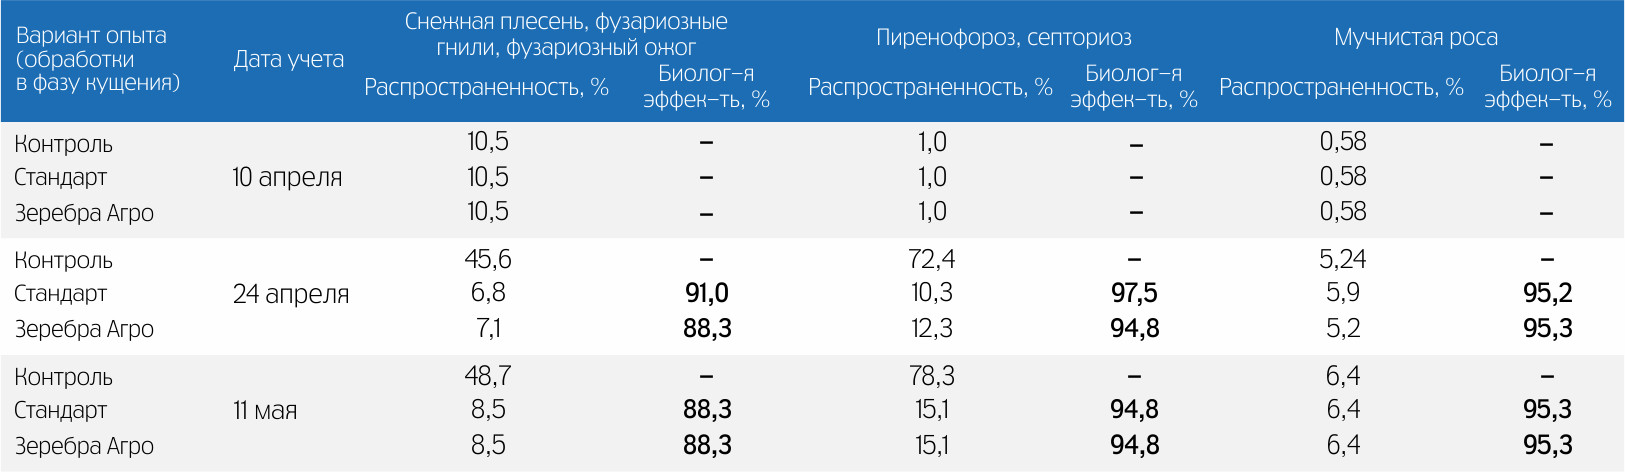 По данным ОИУ «Бейсуг» (ФГБУ «Россельхозцентр», Краснодарский край)